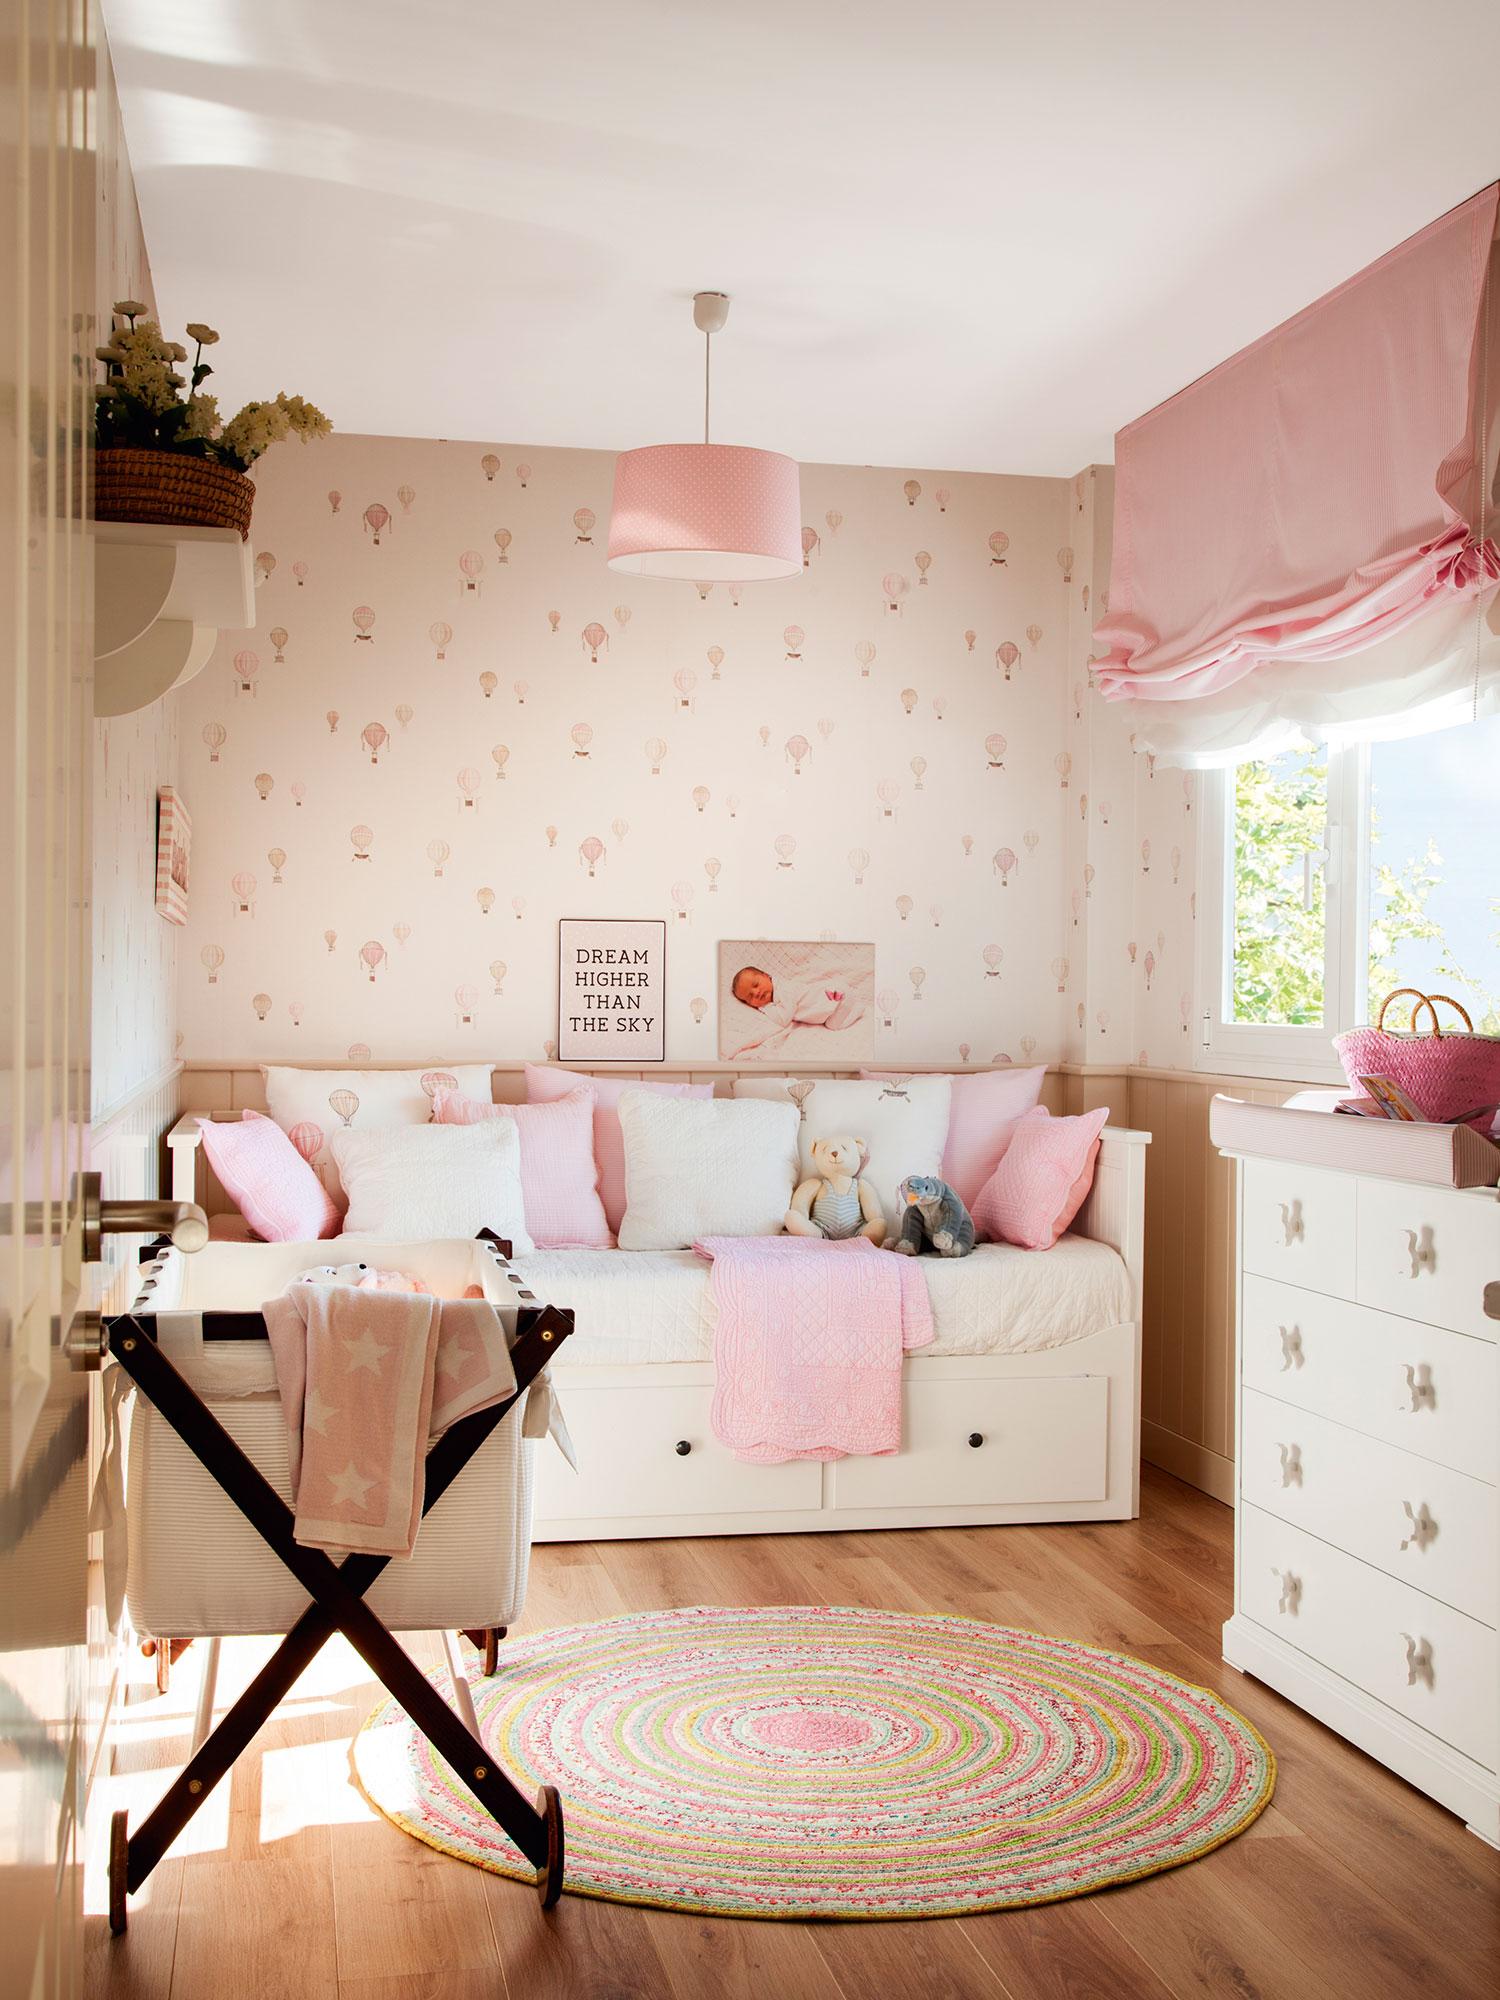 Habitaciones infantiles c mo cambian con el tiempo - Habitaciones infantiles decoracion paredes ...